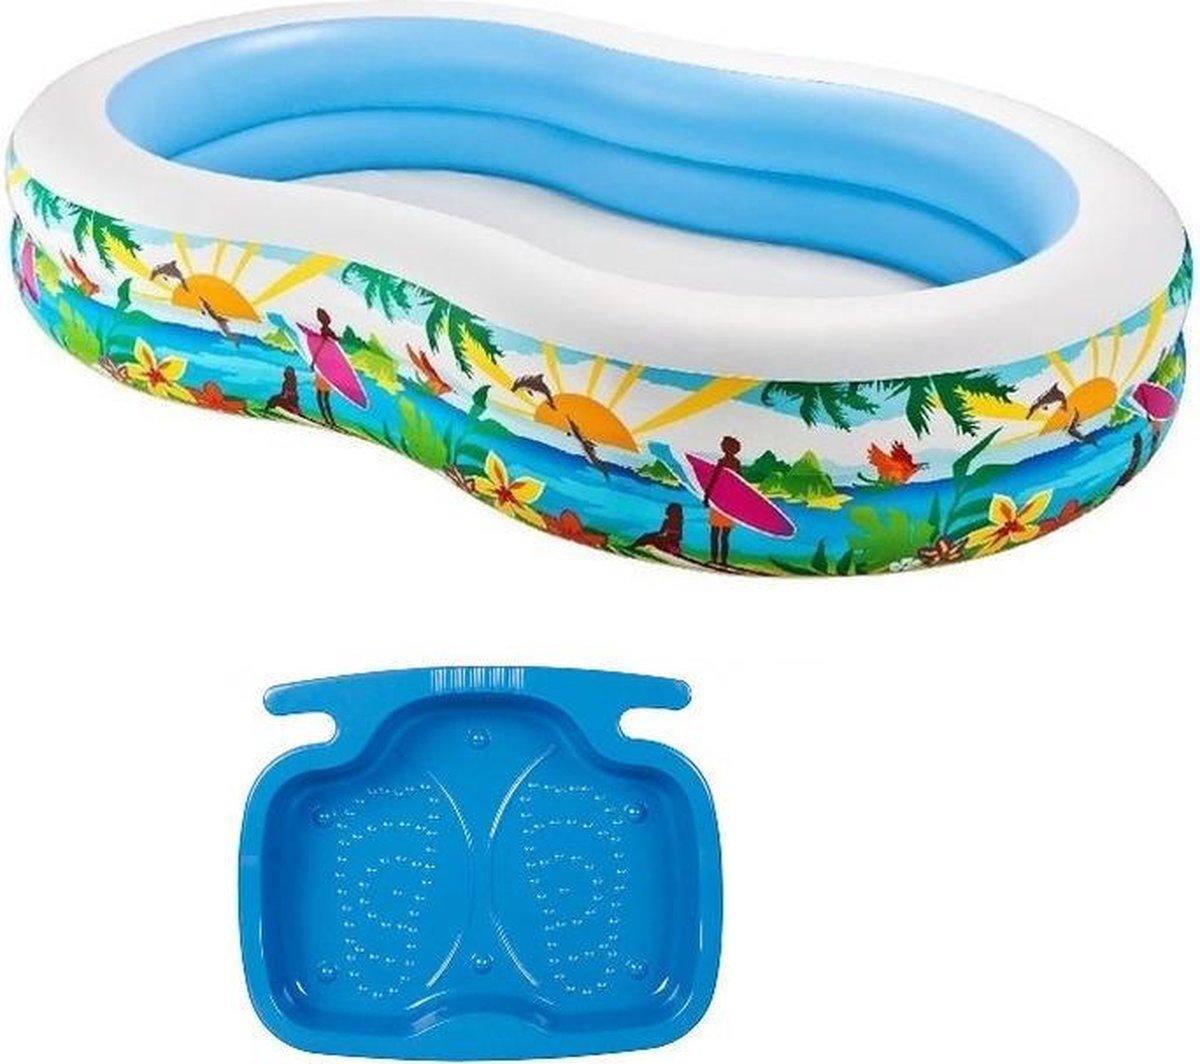 Intex zwembad262 cm inclusief voetenbadje - Opblaaszwembaden - Zwembadaccessoires